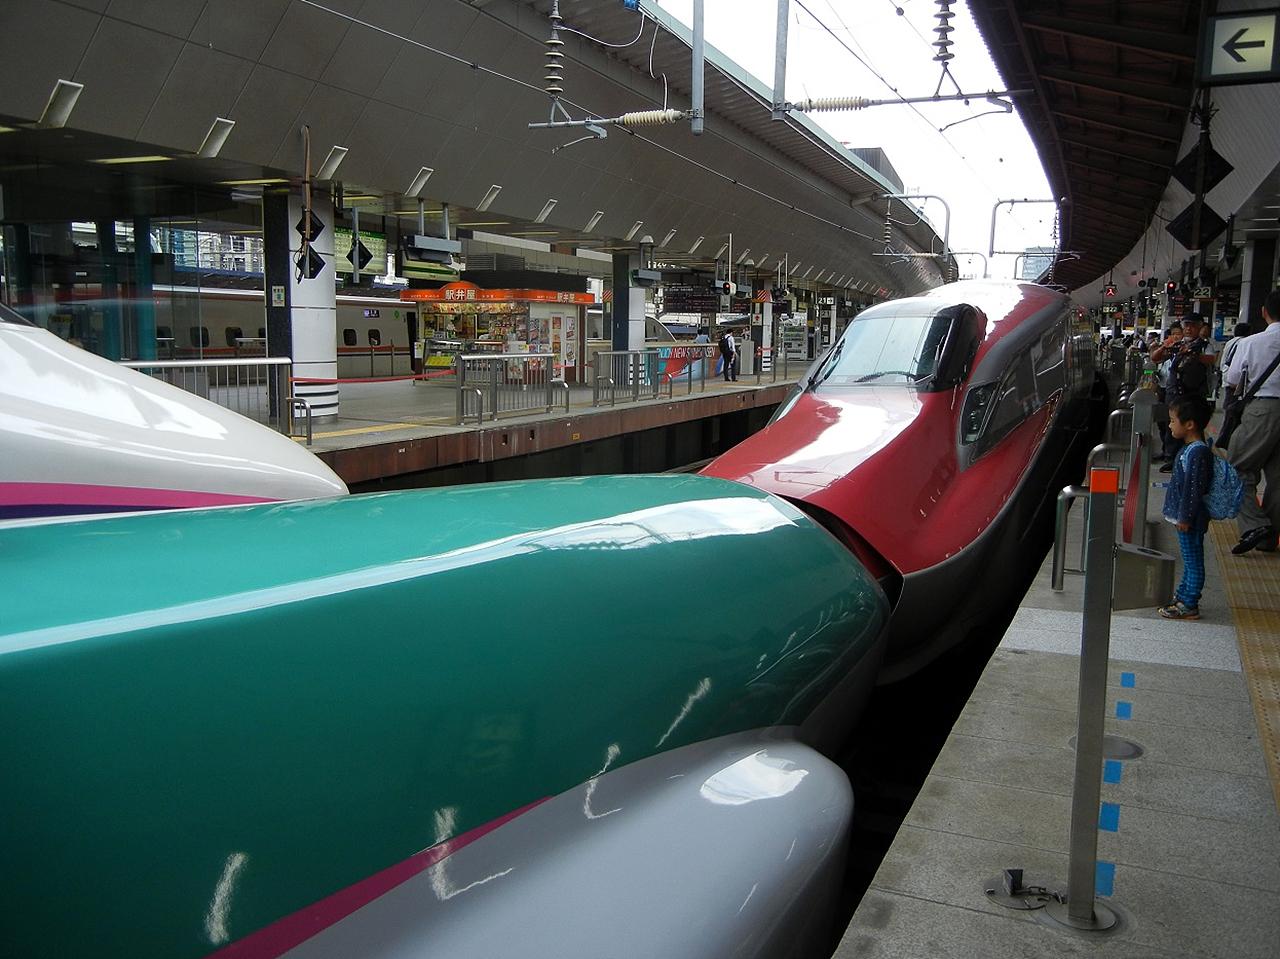 도쿄 역 고마치호 도쿄 역에서 병결되어 있는 아키타 신칸센 고마치호와 도호쿠 신칸센 하야부사호